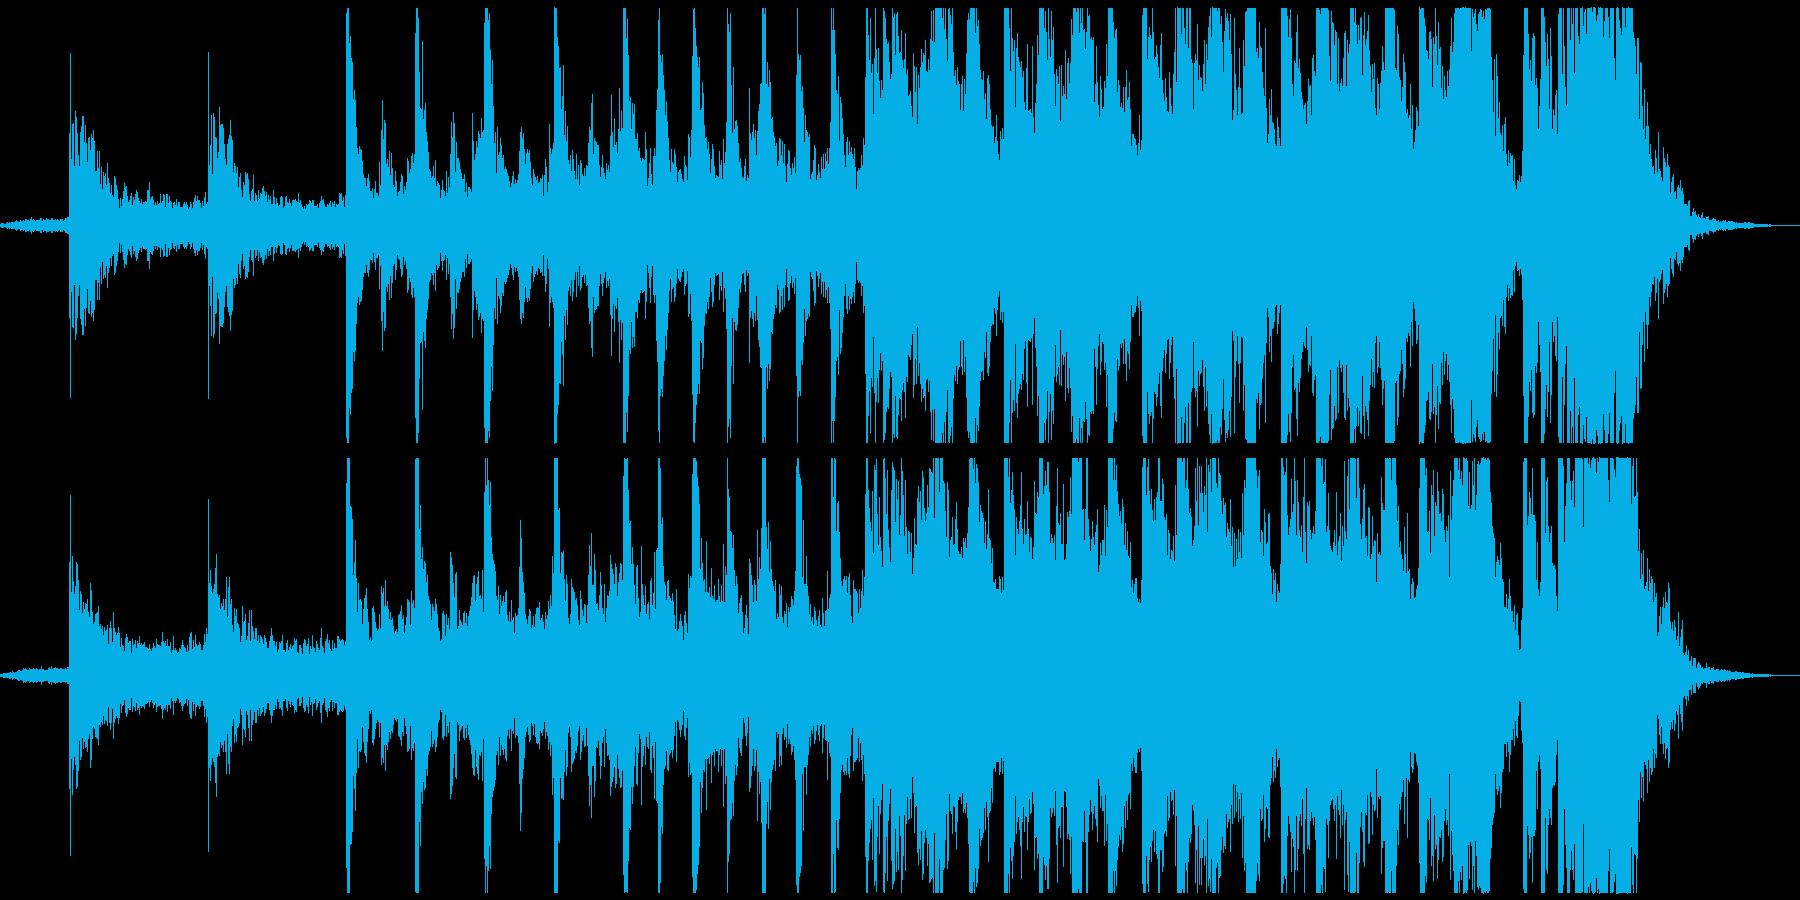 映画の予告編のようなパワフルな楽曲の再生済みの波形